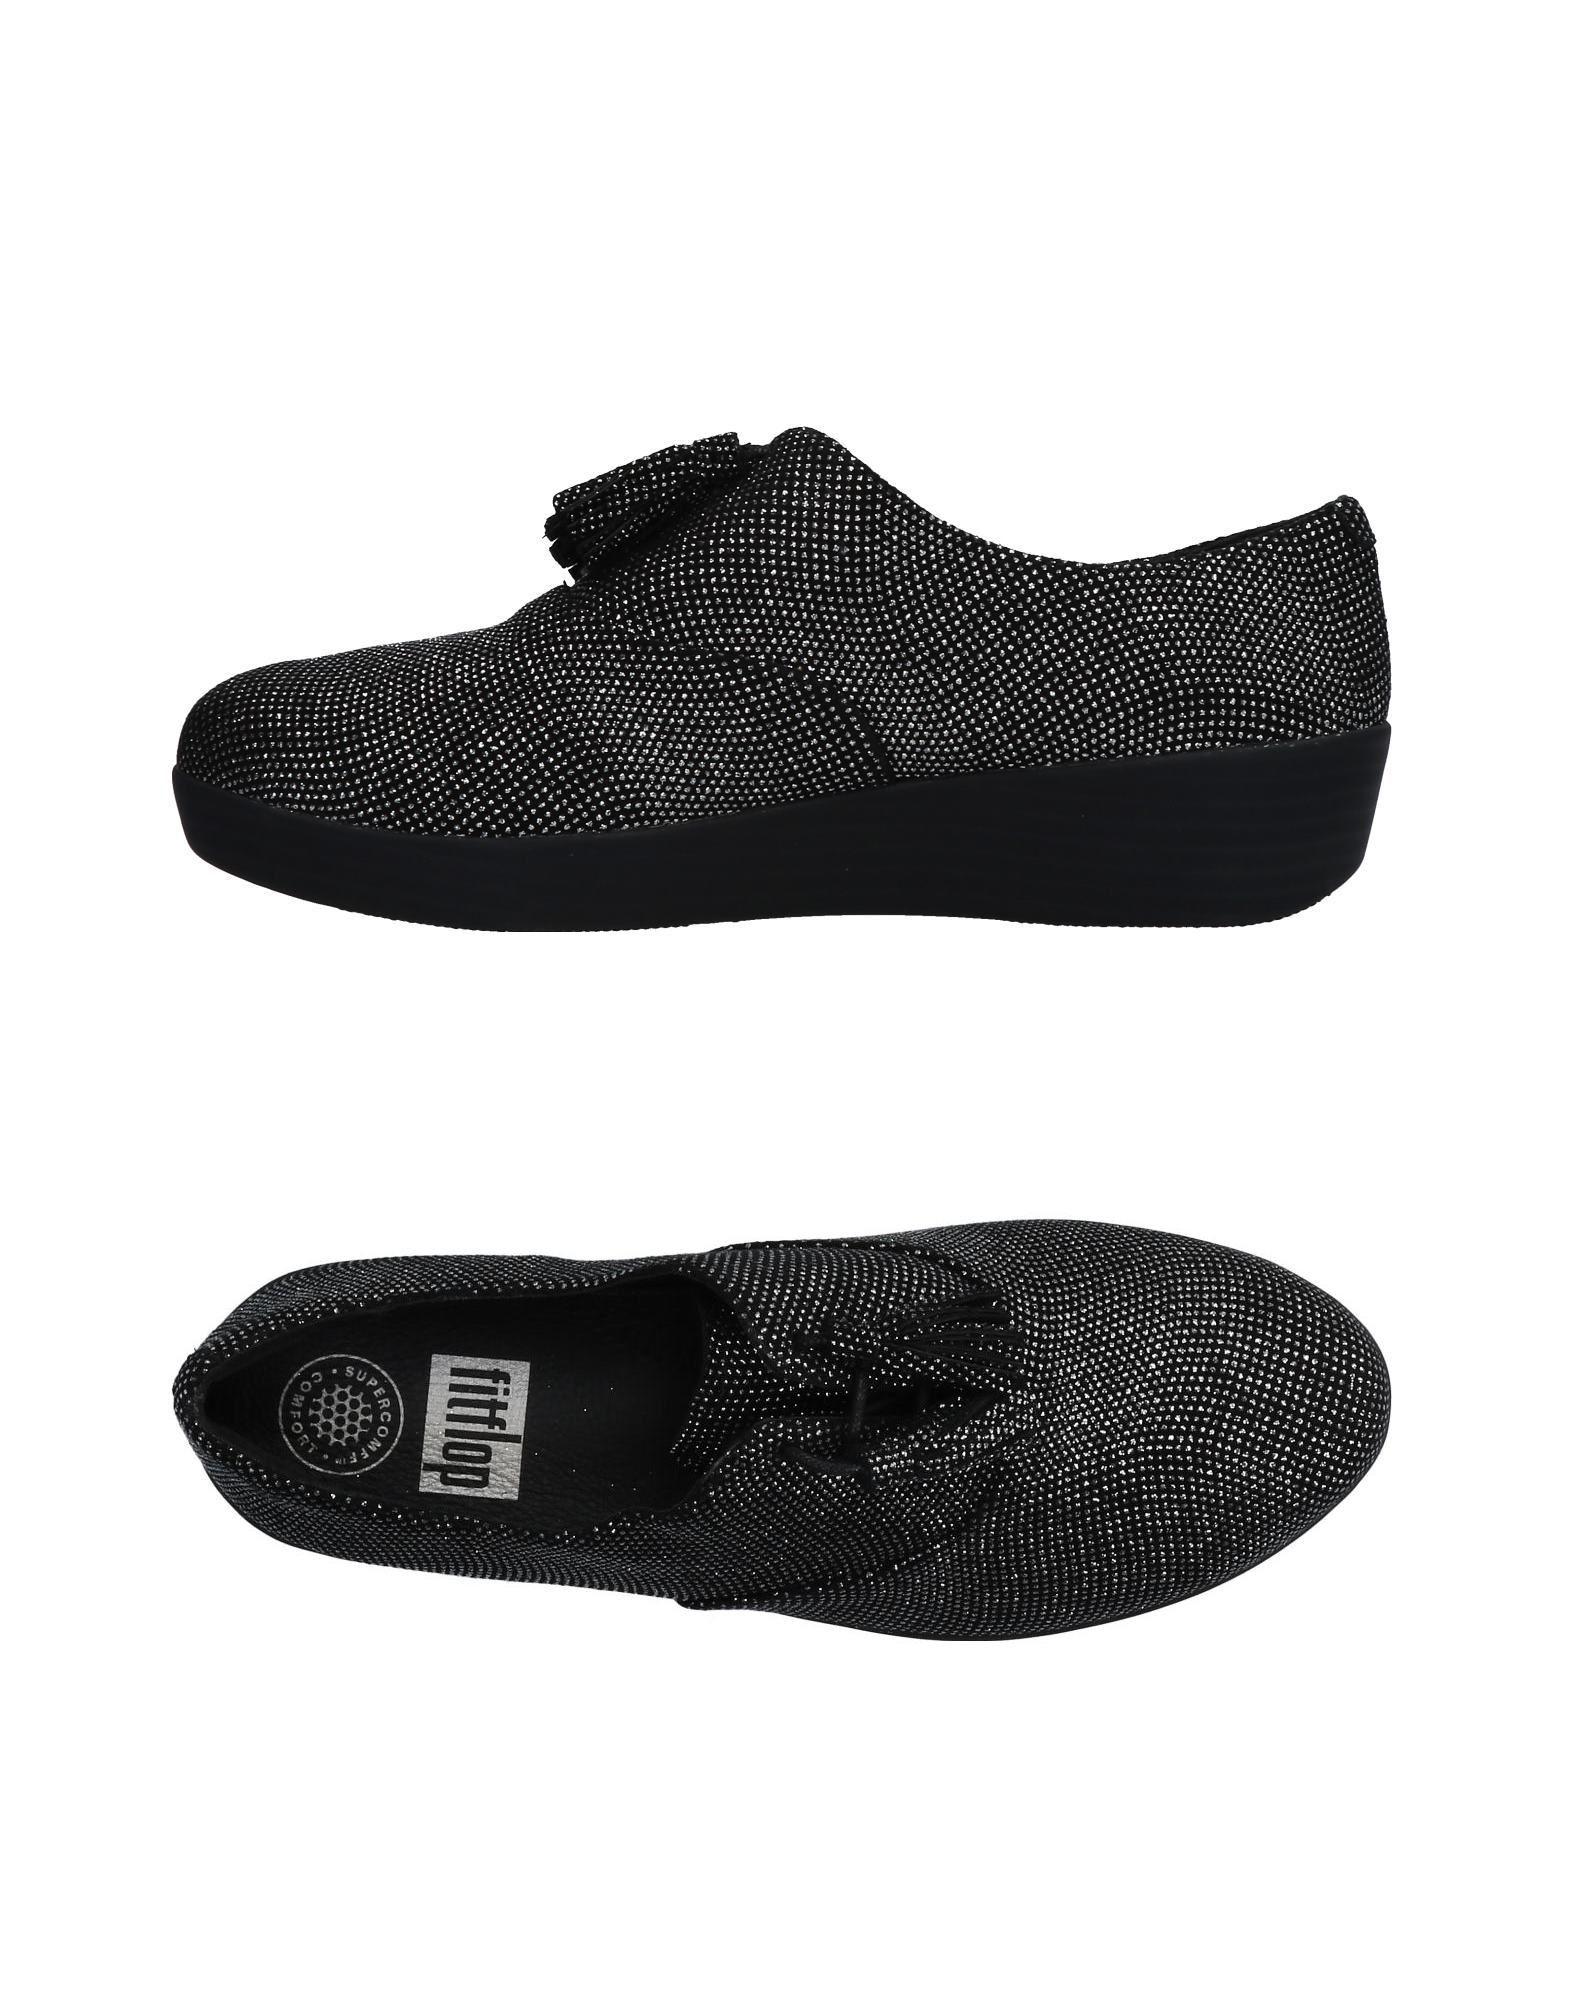 Fitflop Schnürschuhe Damen  11474562OM Gute Qualität beliebte Schuhe